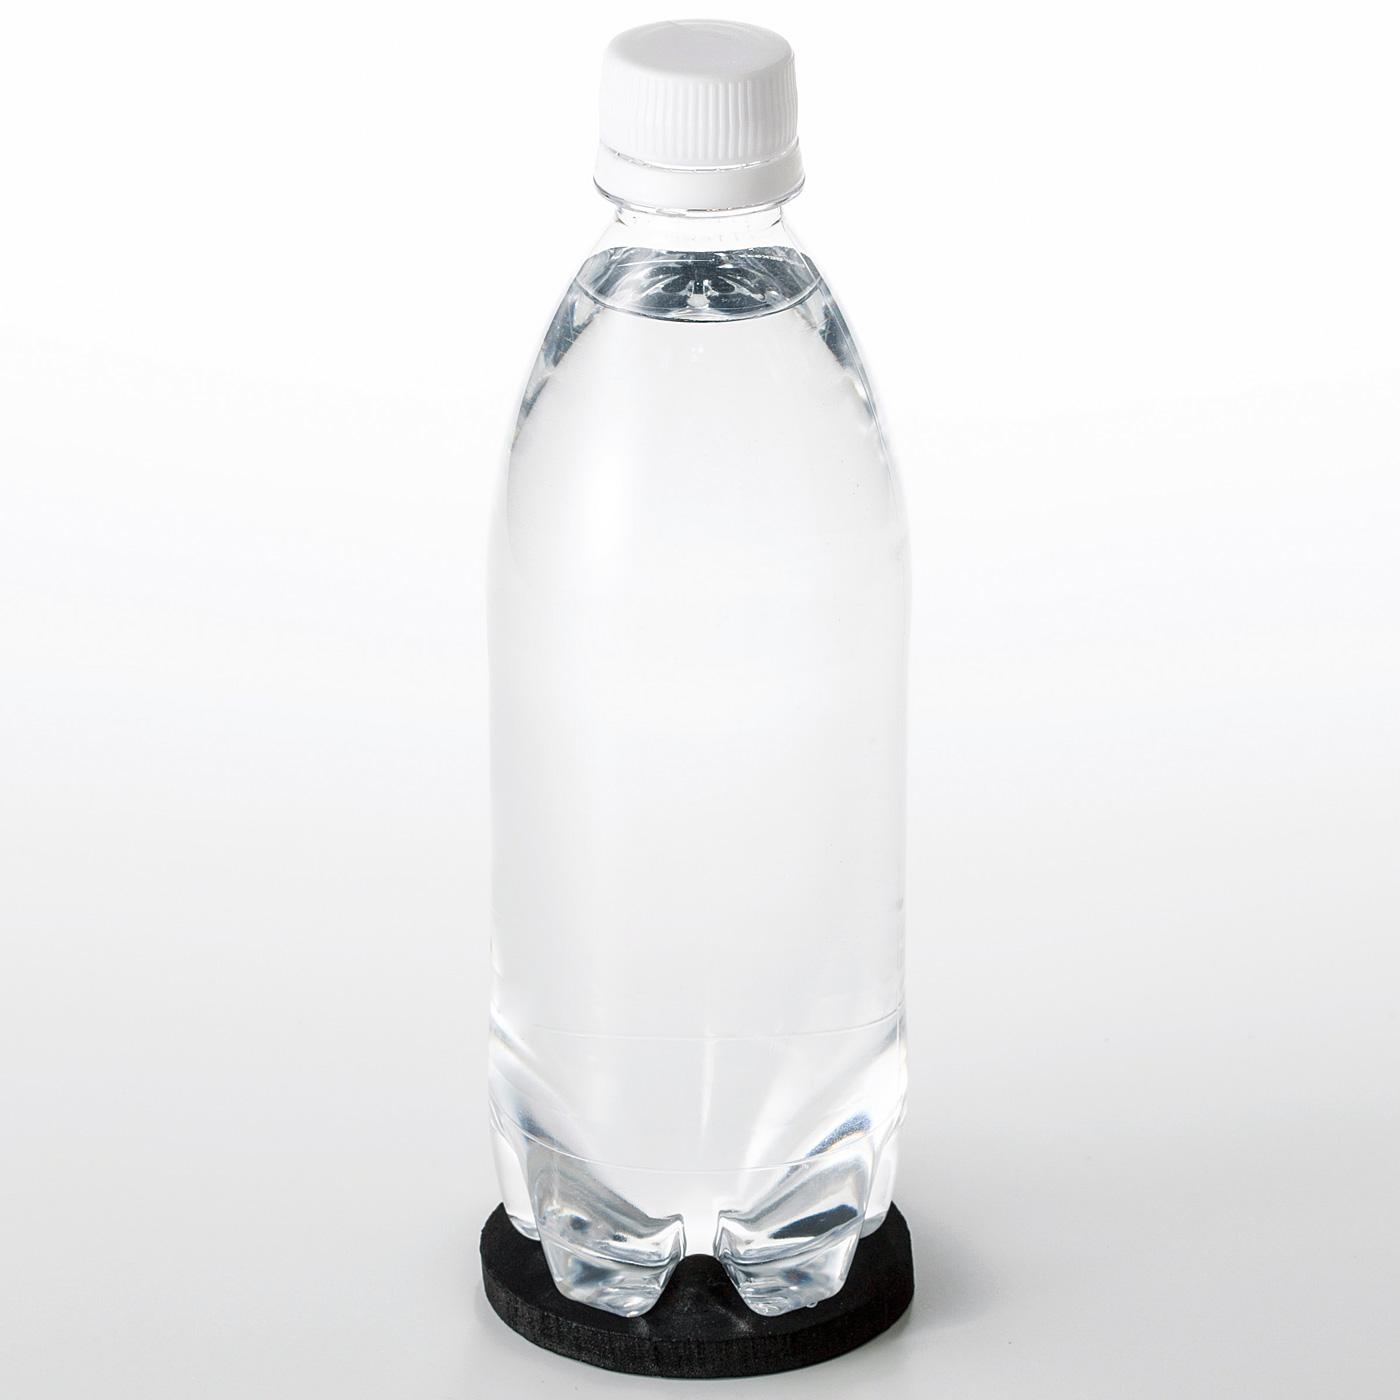 500~600mlのペットボトルにぴったり。底上げシートを底に敷けば少し短いペットボトルも収納できます。